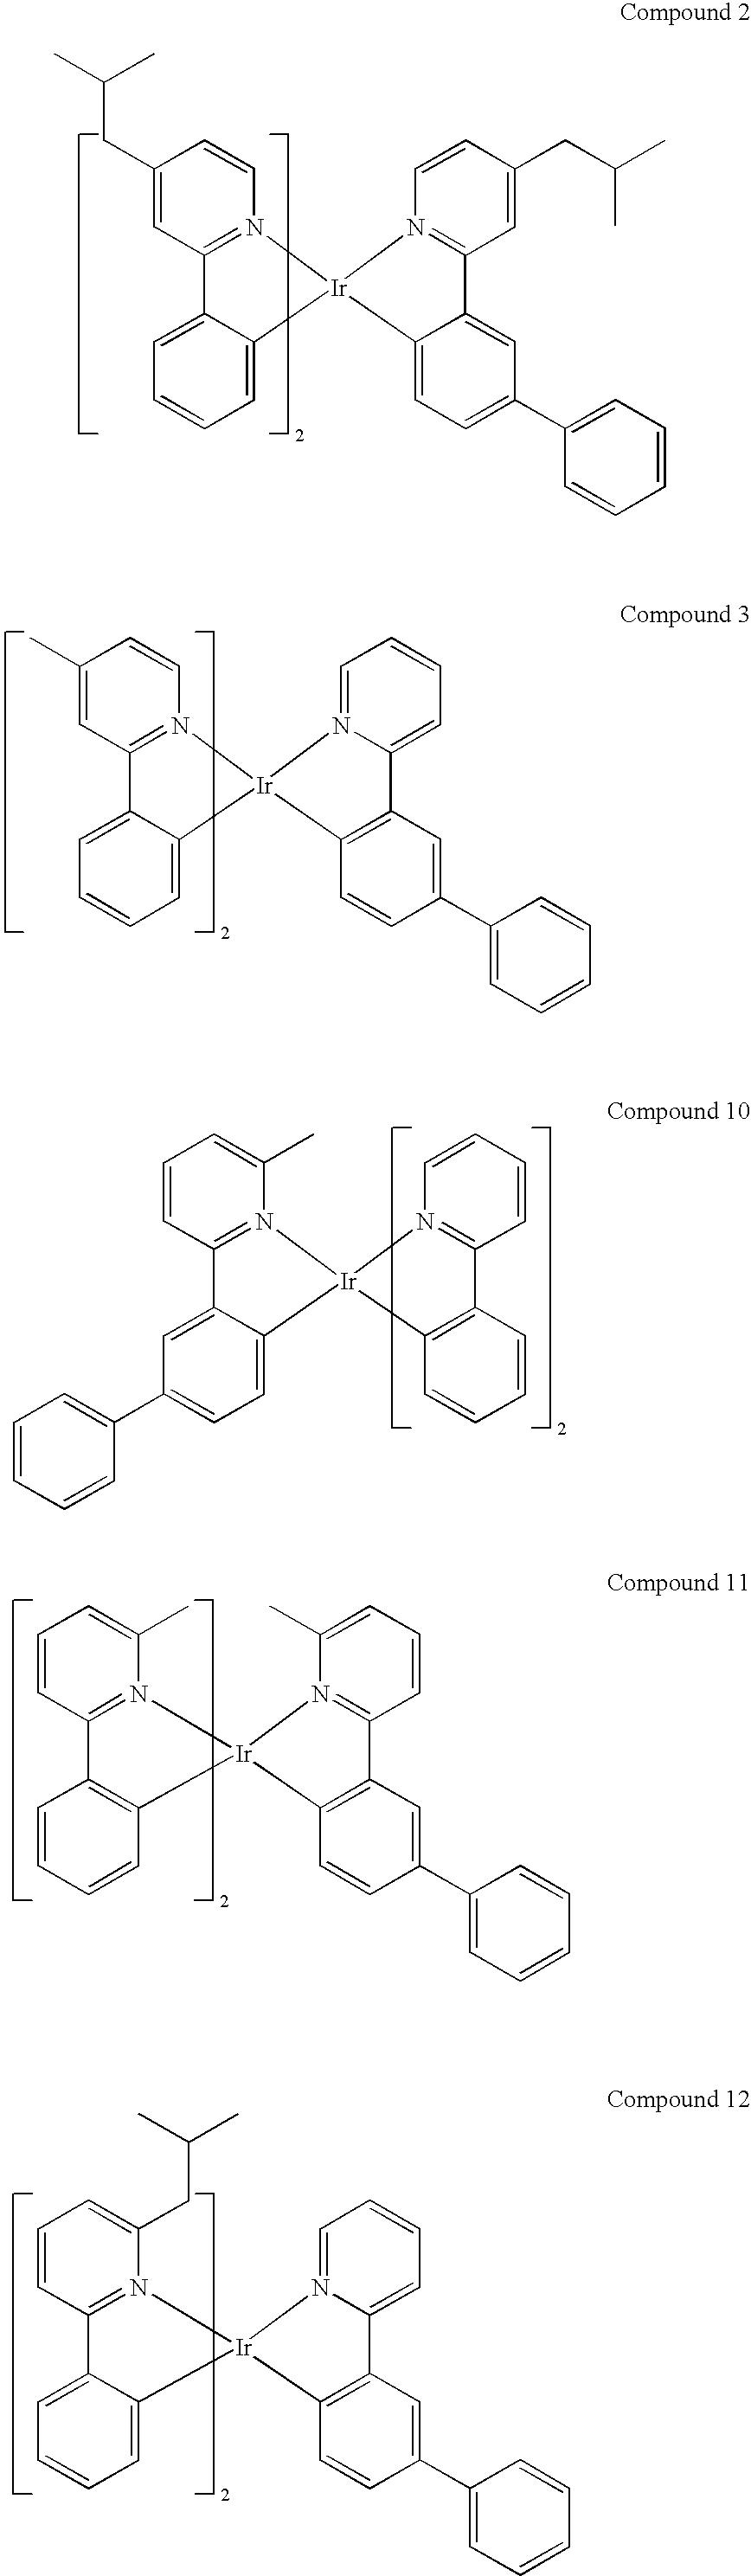 Figure US20090108737A1-20090430-C00212